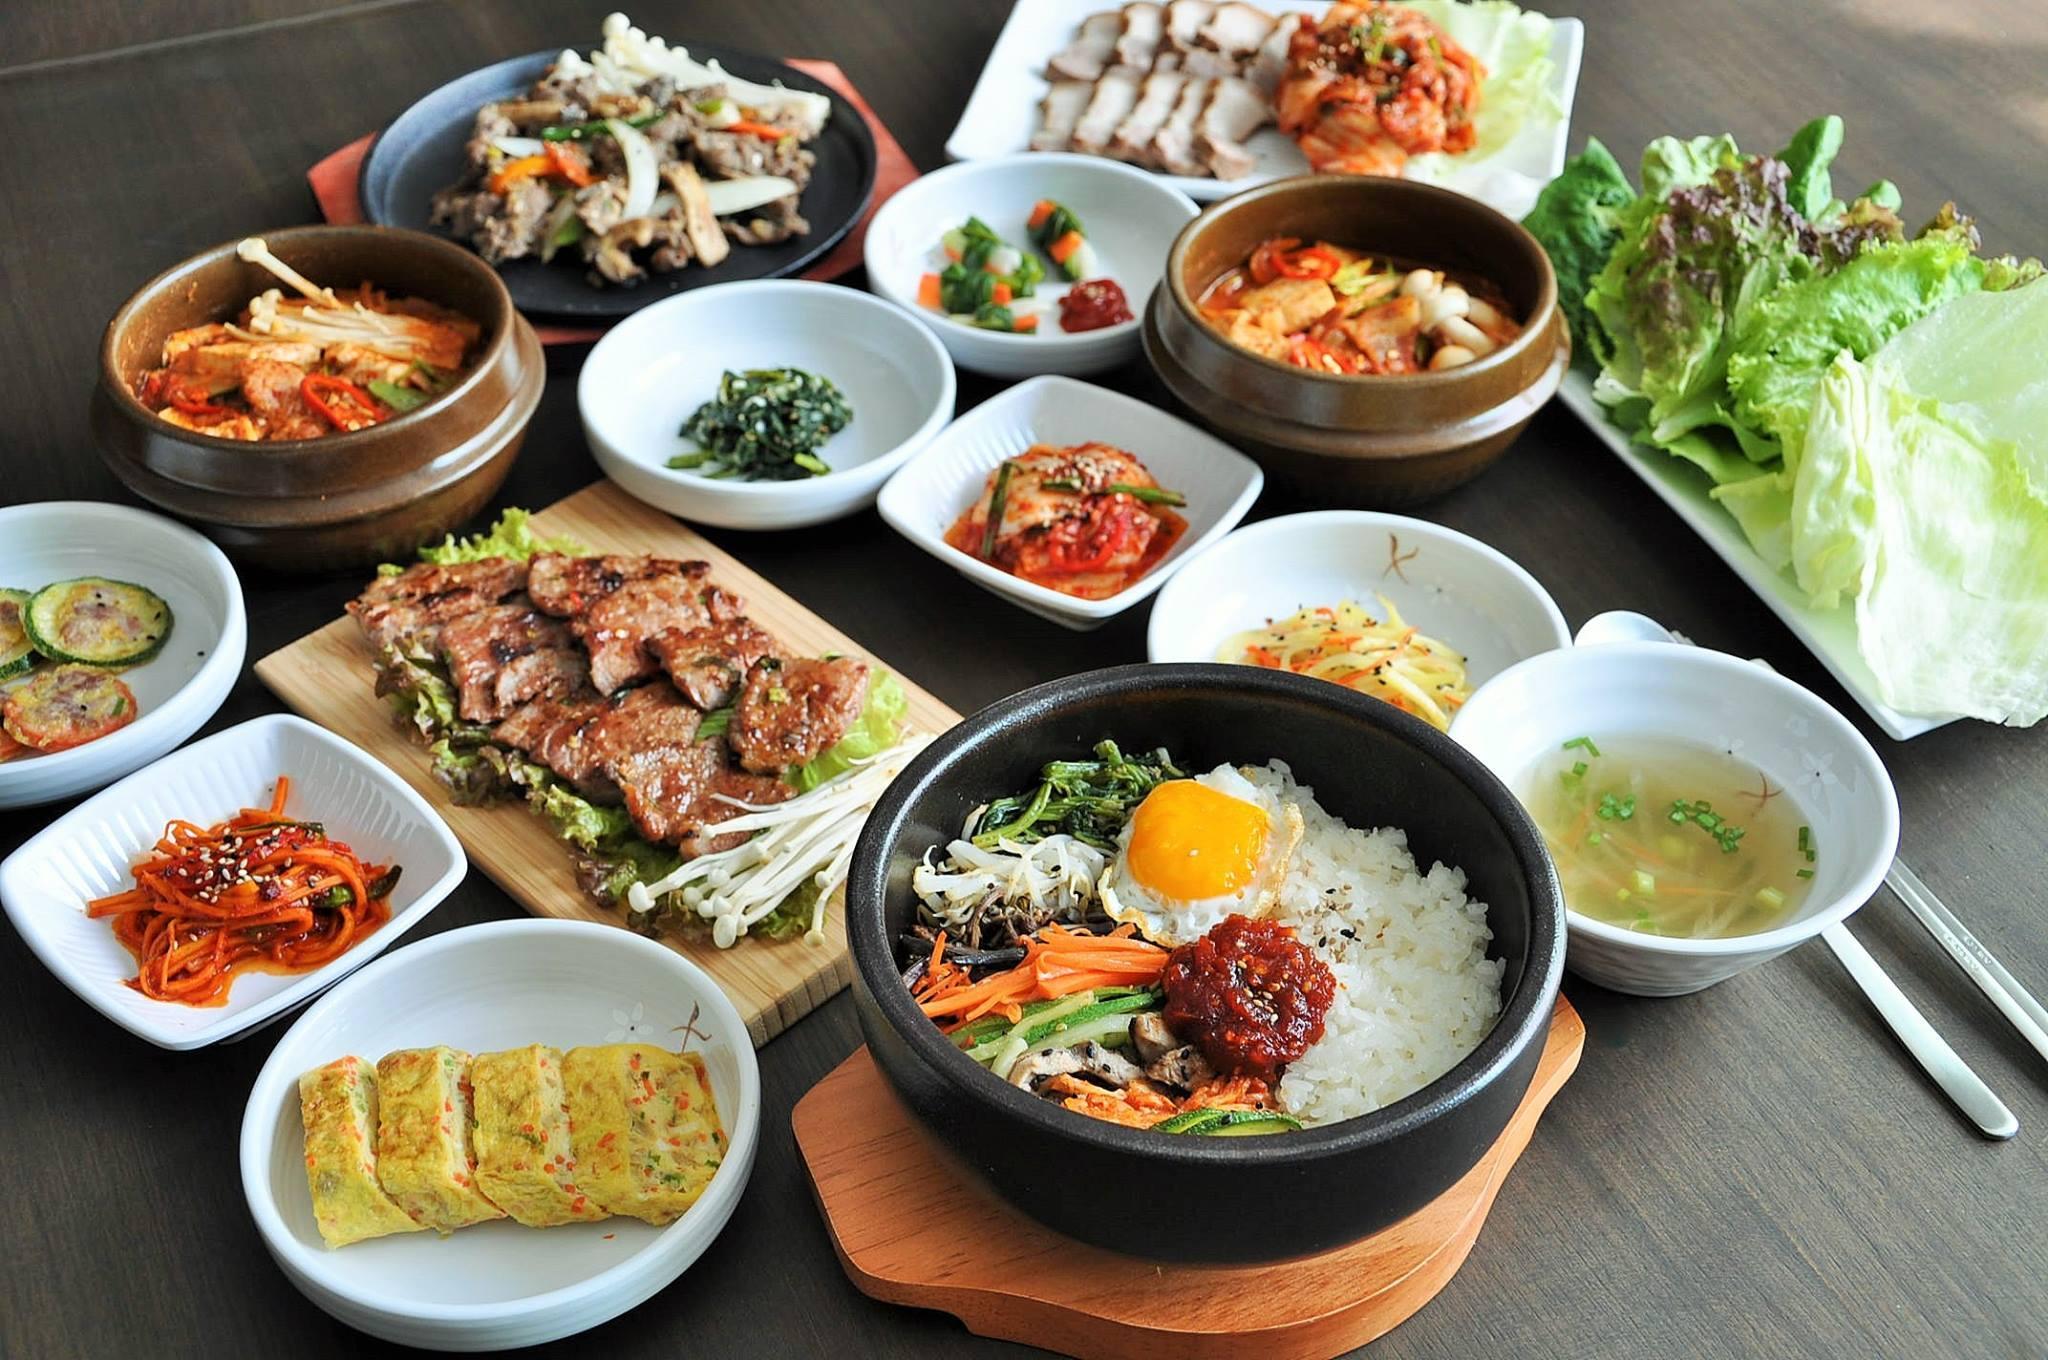 15 ร้านอาหารเกาหลีพร้อมส่งเดลิเวอรี่ สำหรับคนอยากดูซีรีส์อินๆ ในวันหยุด